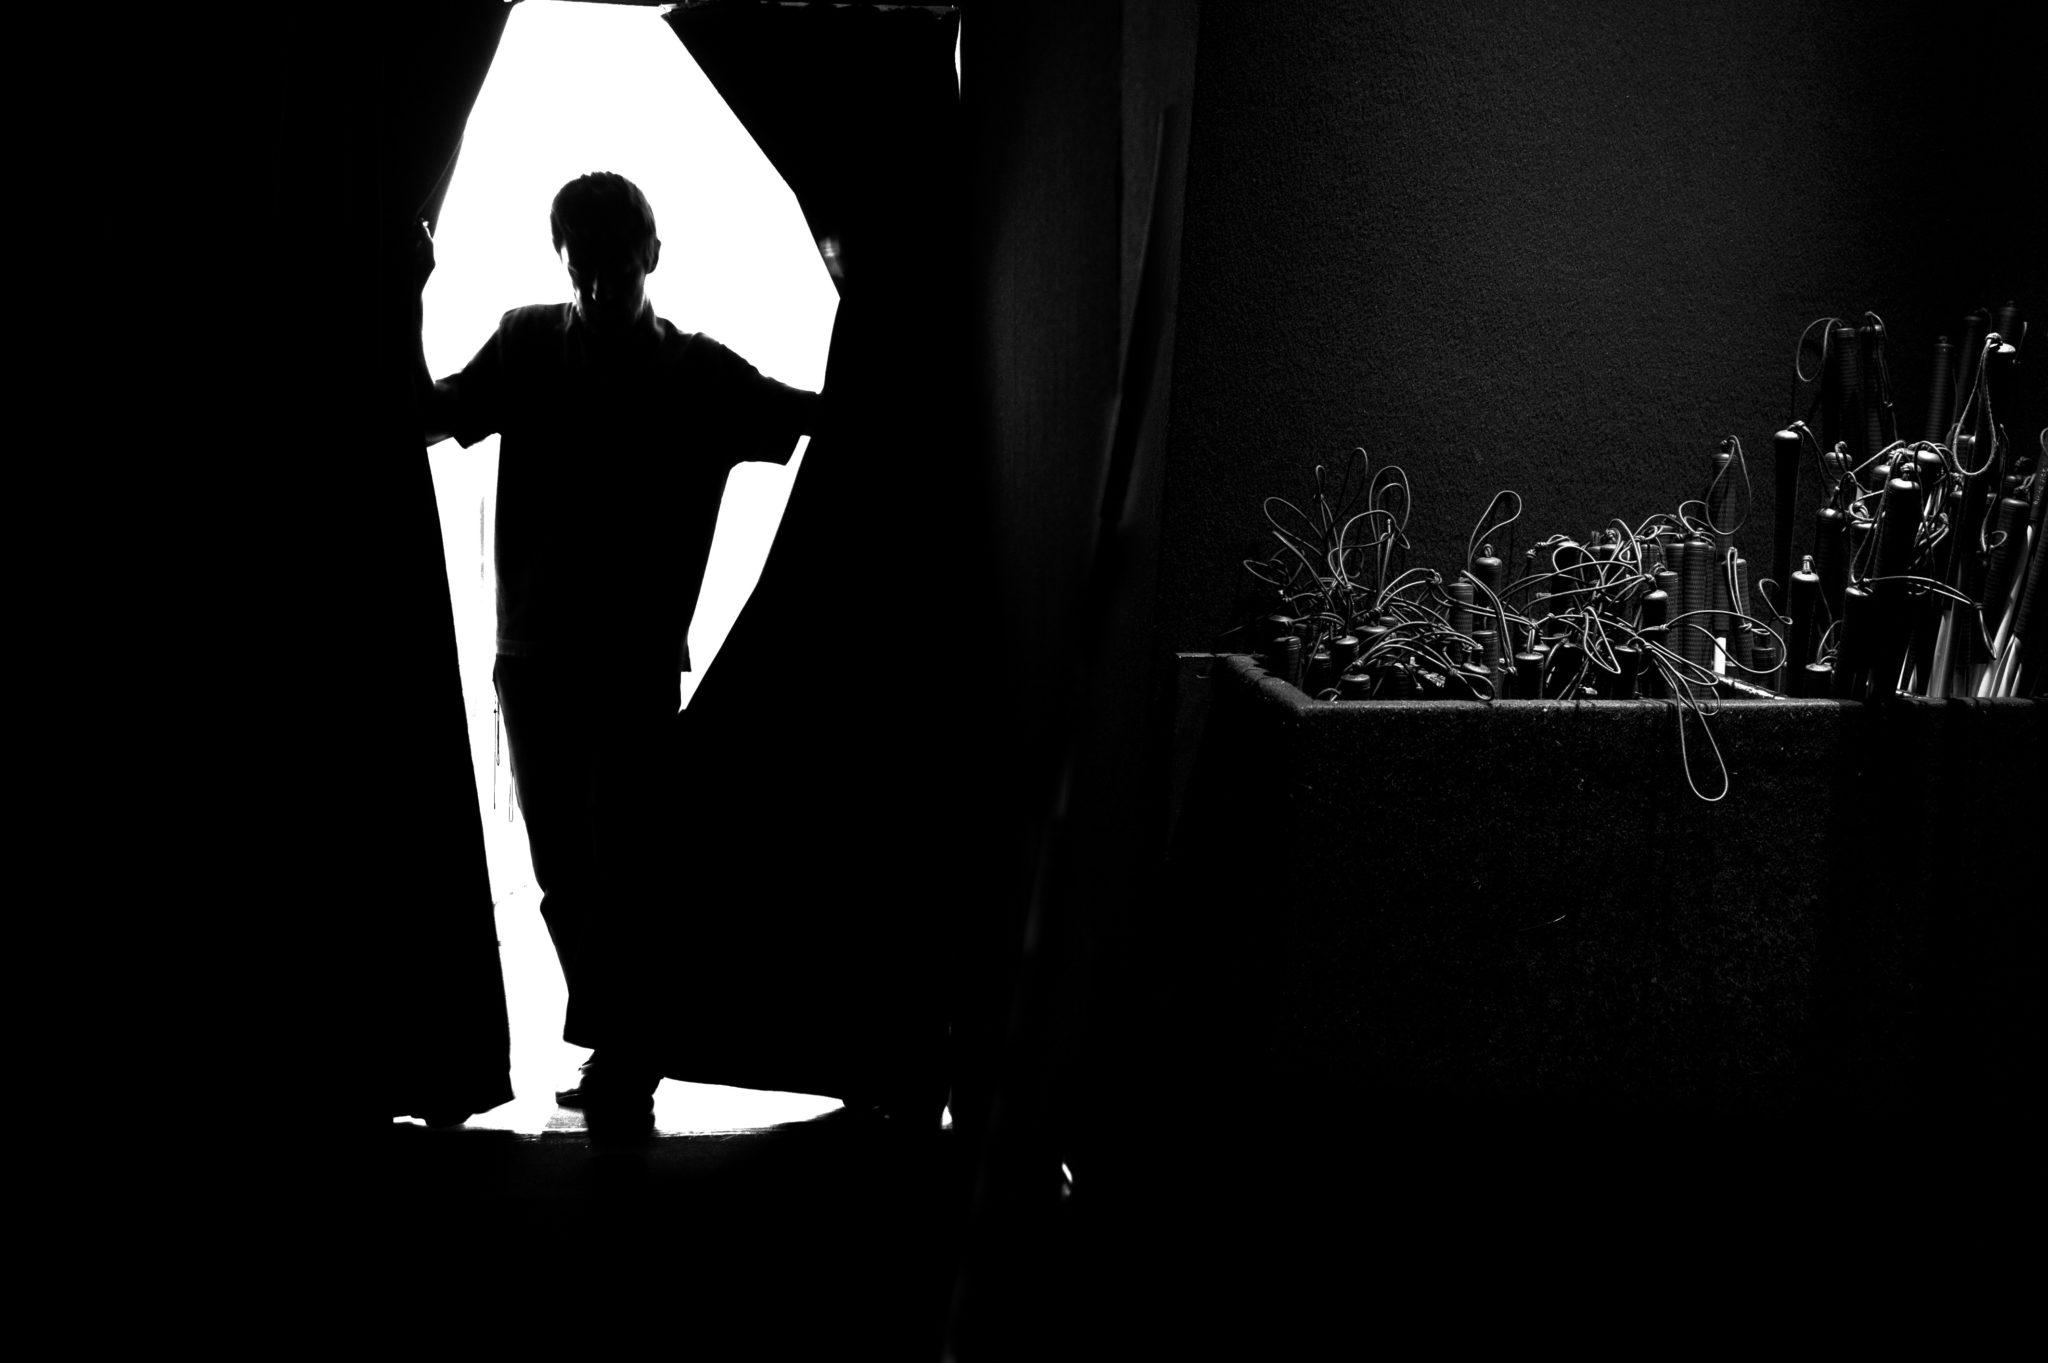 eventi-milano-dialogo-nel-buio